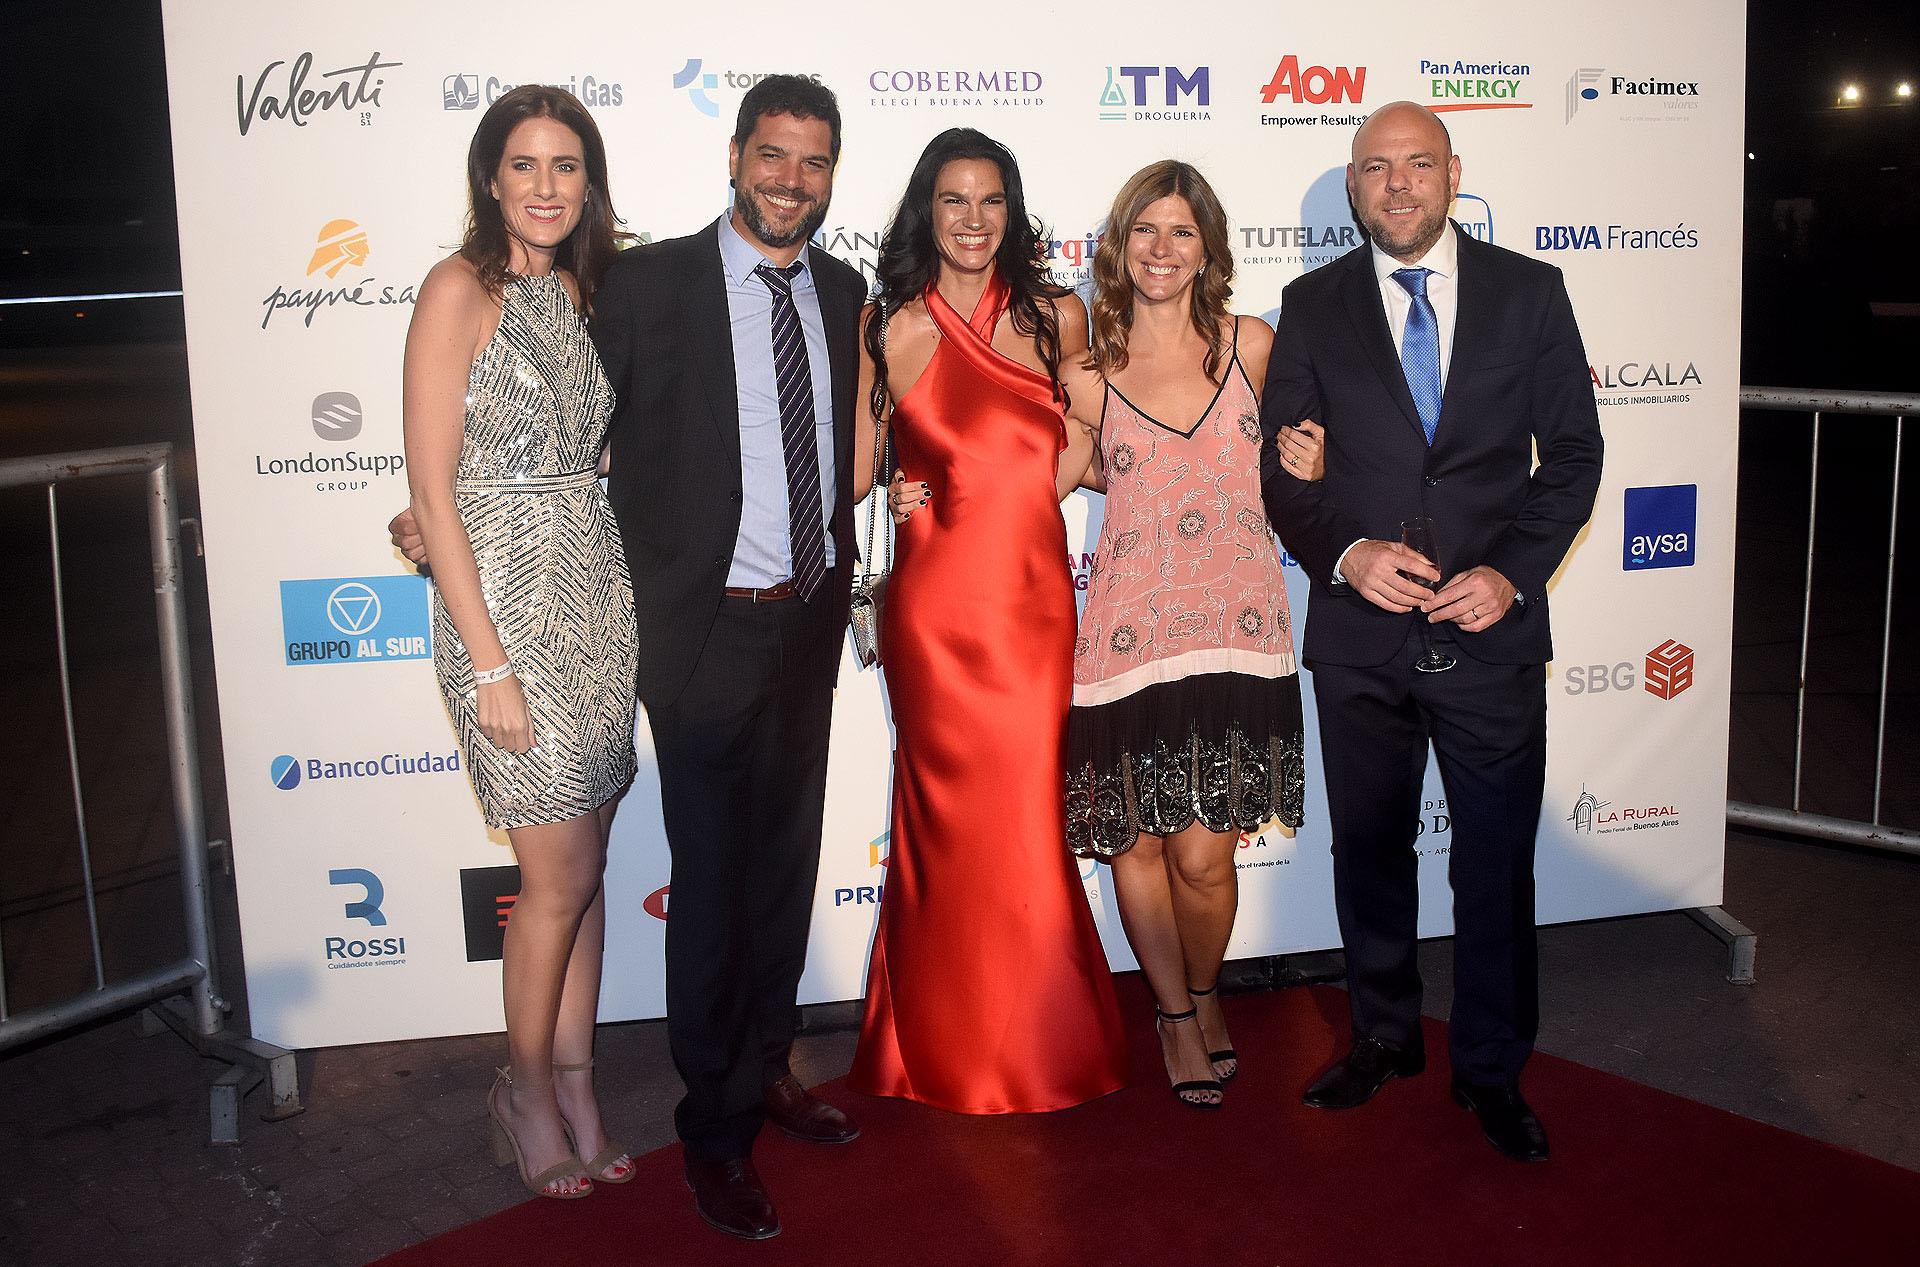 Clara D'Onofrio, Sebastián Pérez Escobar, Gabriela Vaca Guzmán, Dolores Irigoin y Horacio Ferreccio, vocal de la Fundación River